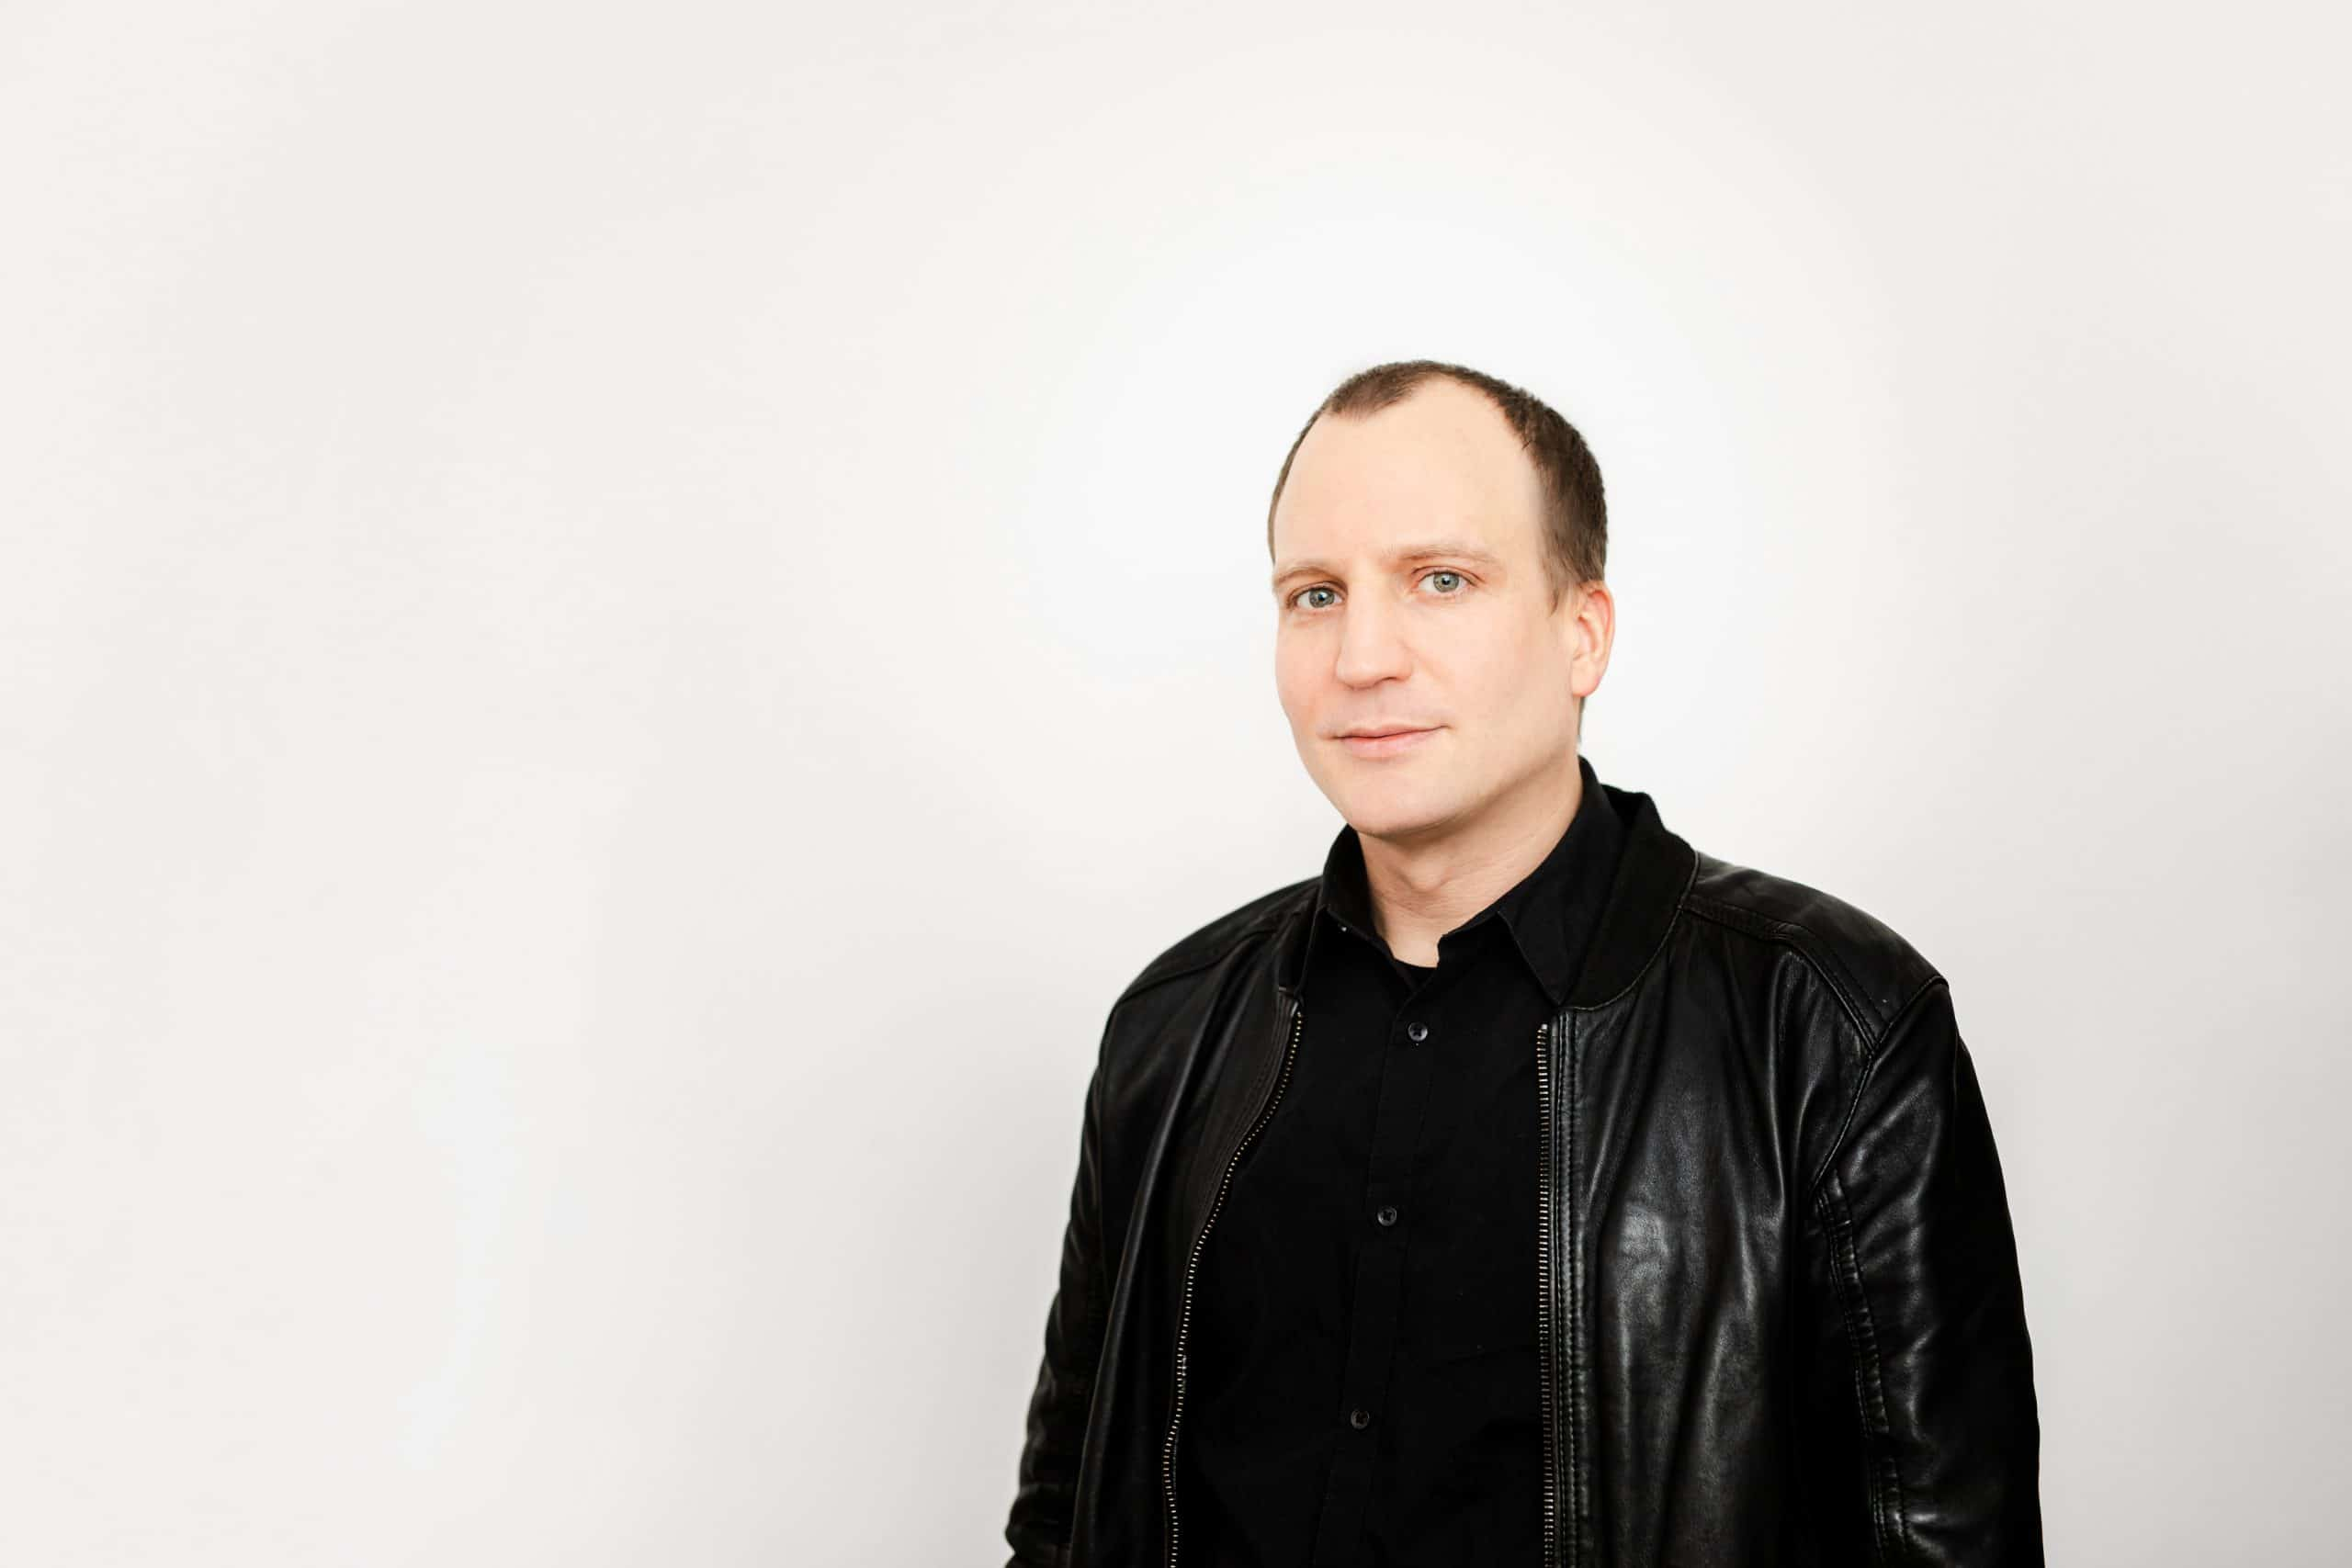 Portrait von Fotograf William Veder | Eventfotografie in Berlin